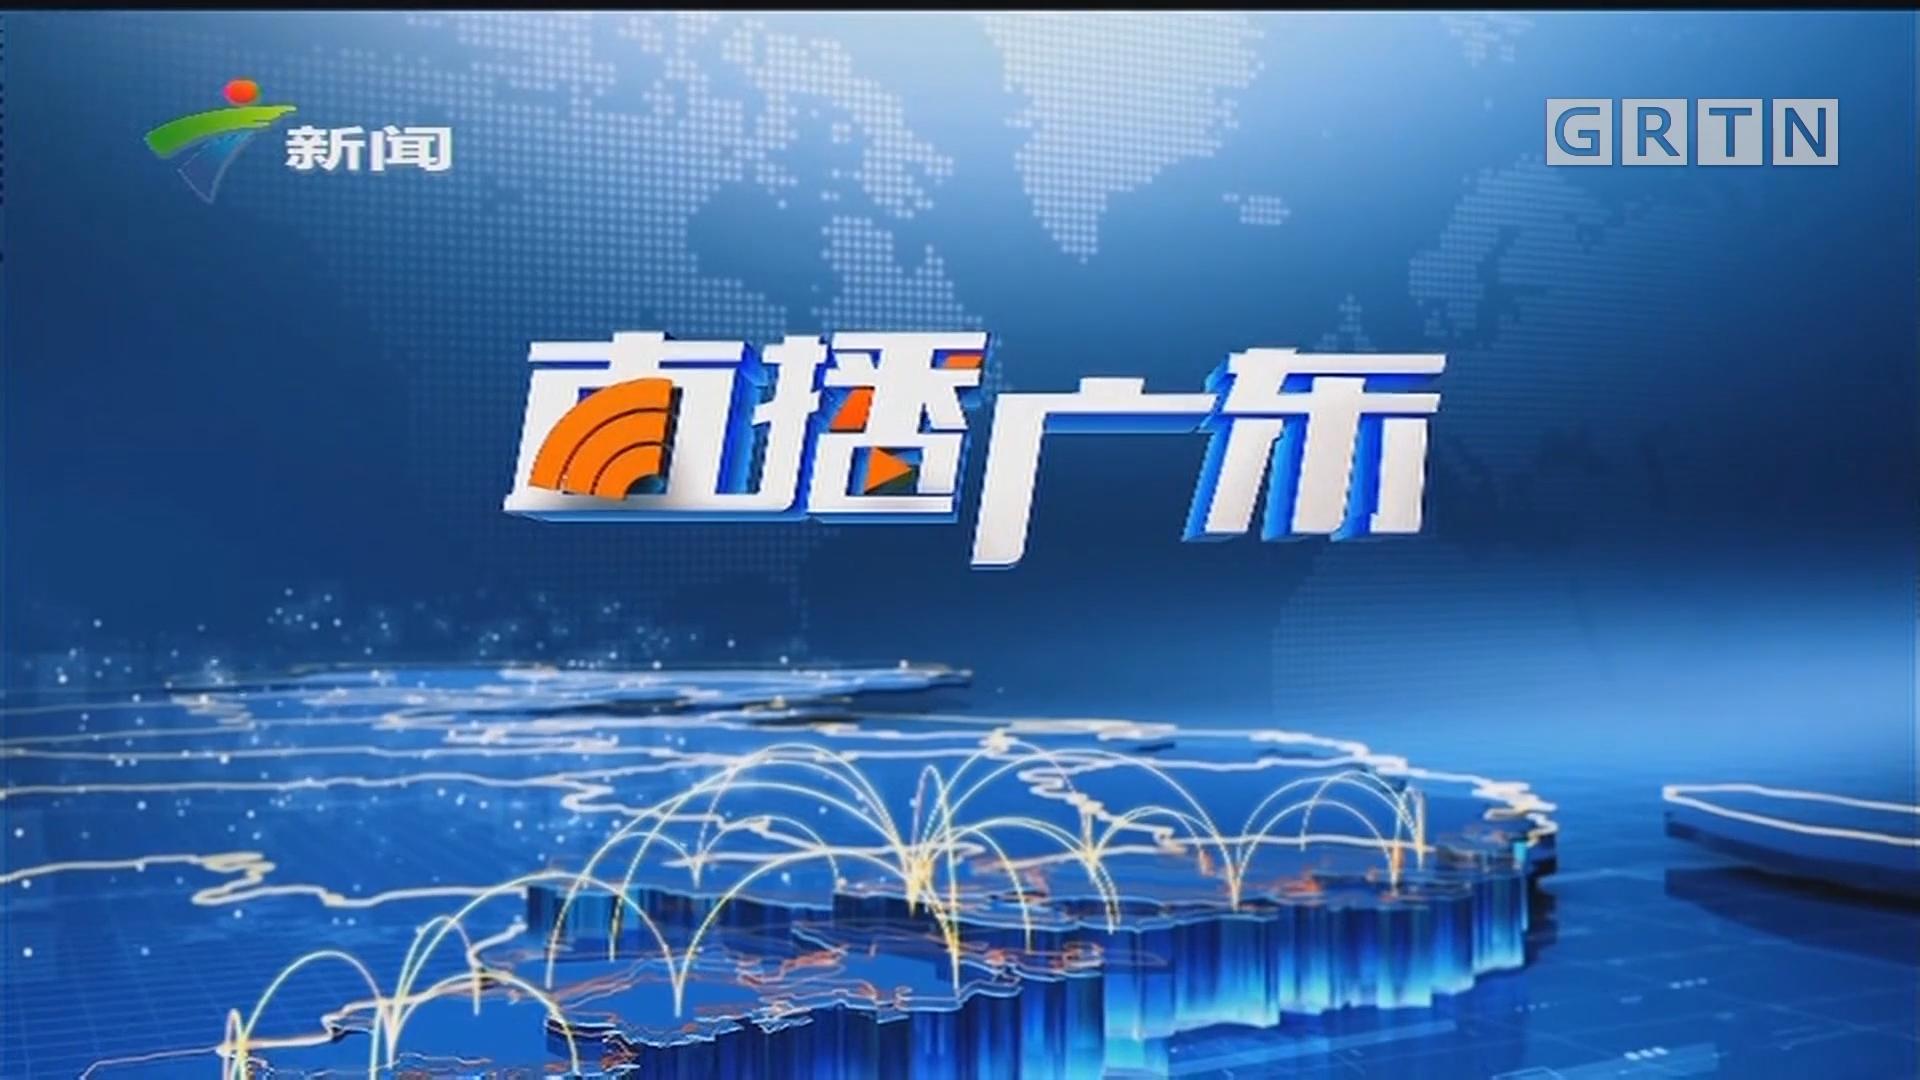 [HD][2019-07-01]直播广东:广东各地庆祝中国共产党成立98周年 东莞:千名党员共唱《我和我的祖国》